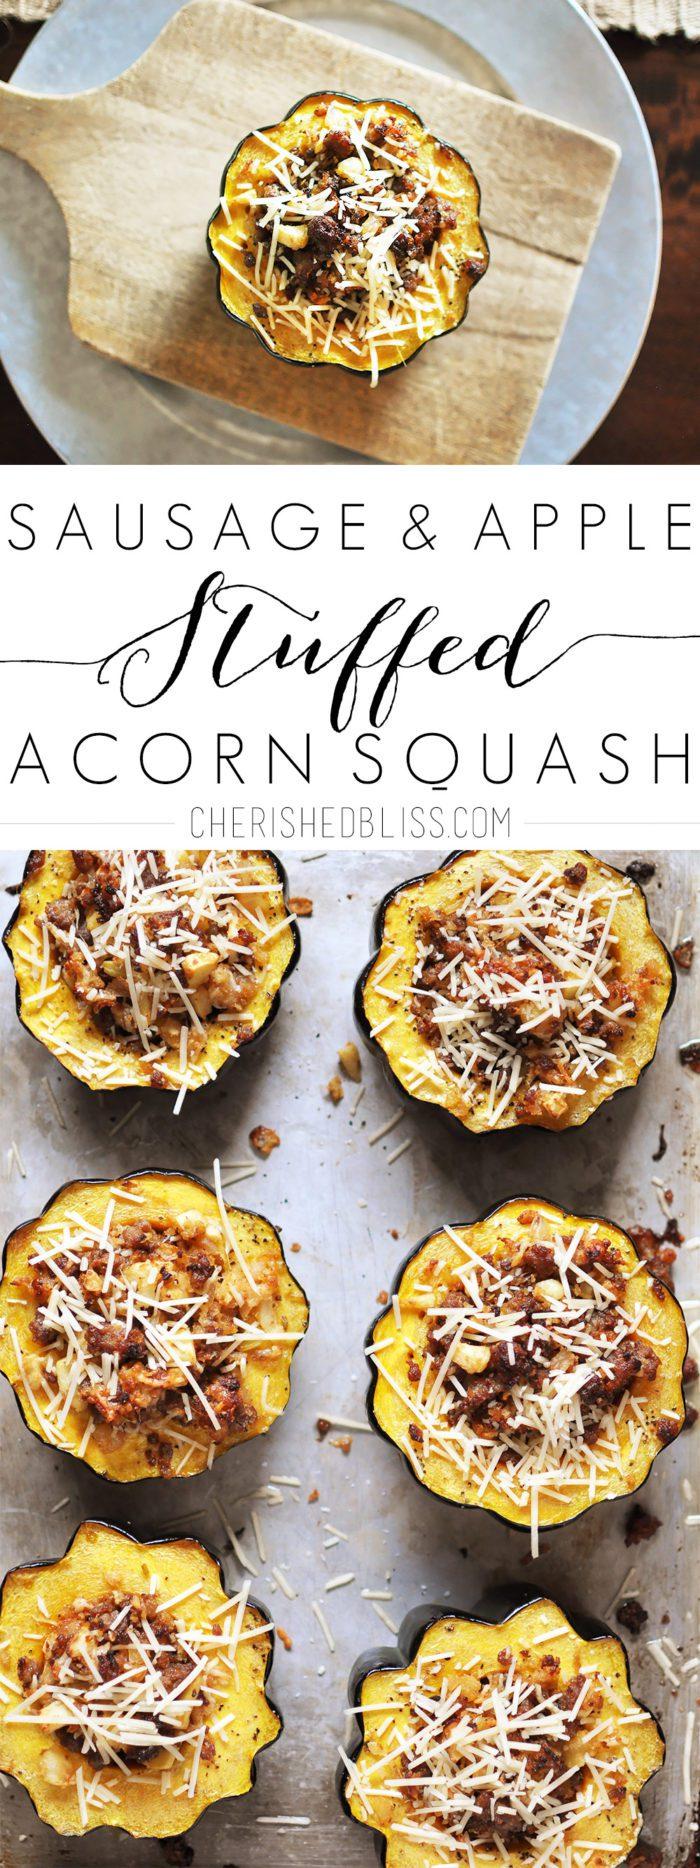 Acorn Squash And Sausage Recipe